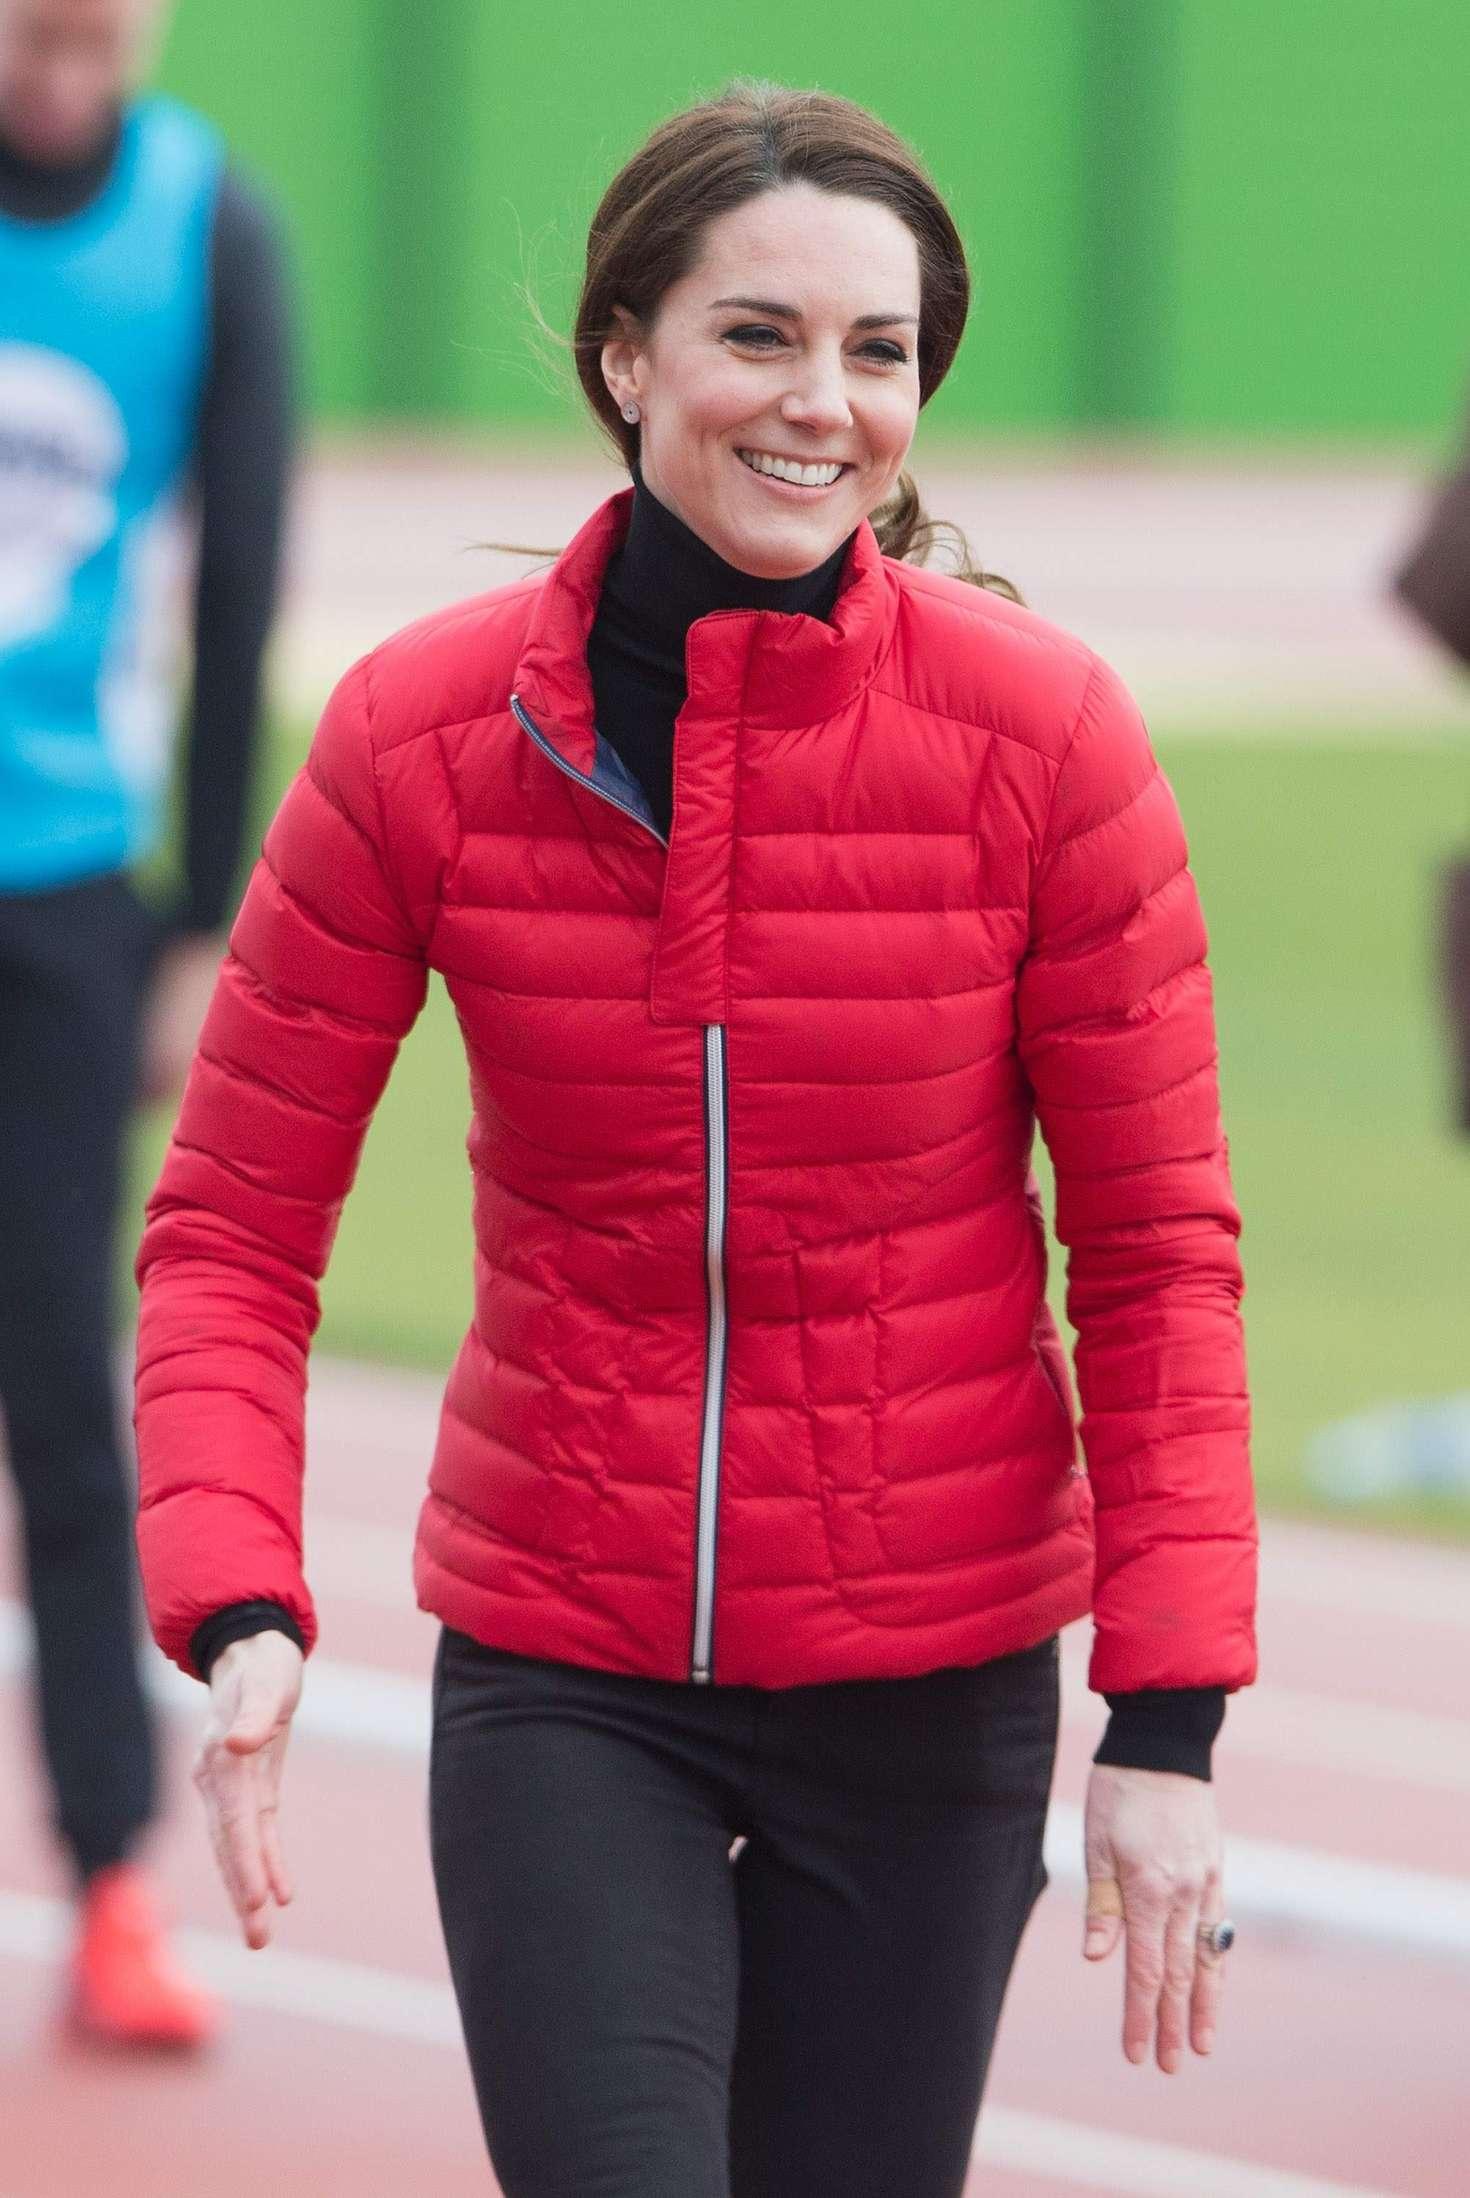 Kate Middleton London Marathon Training Day In London